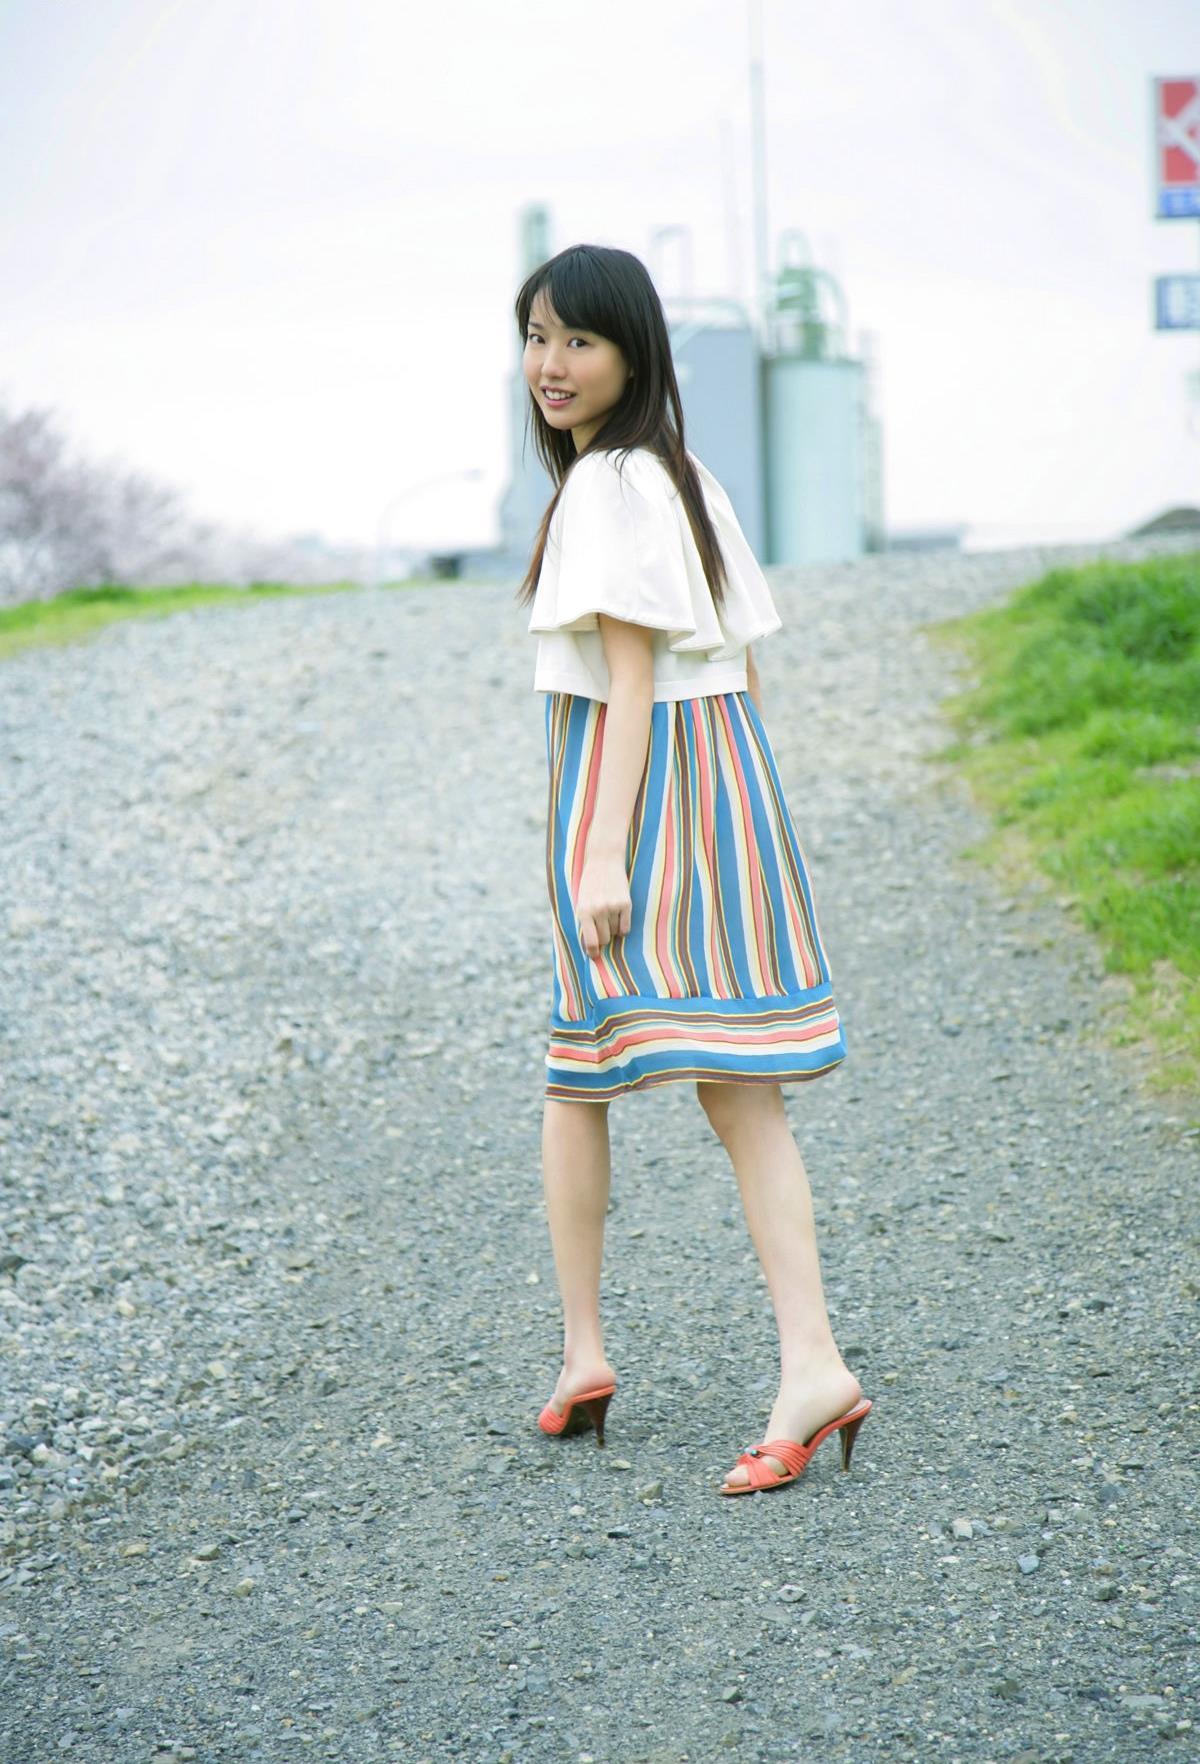 戸田恵梨香 エロ画像 84